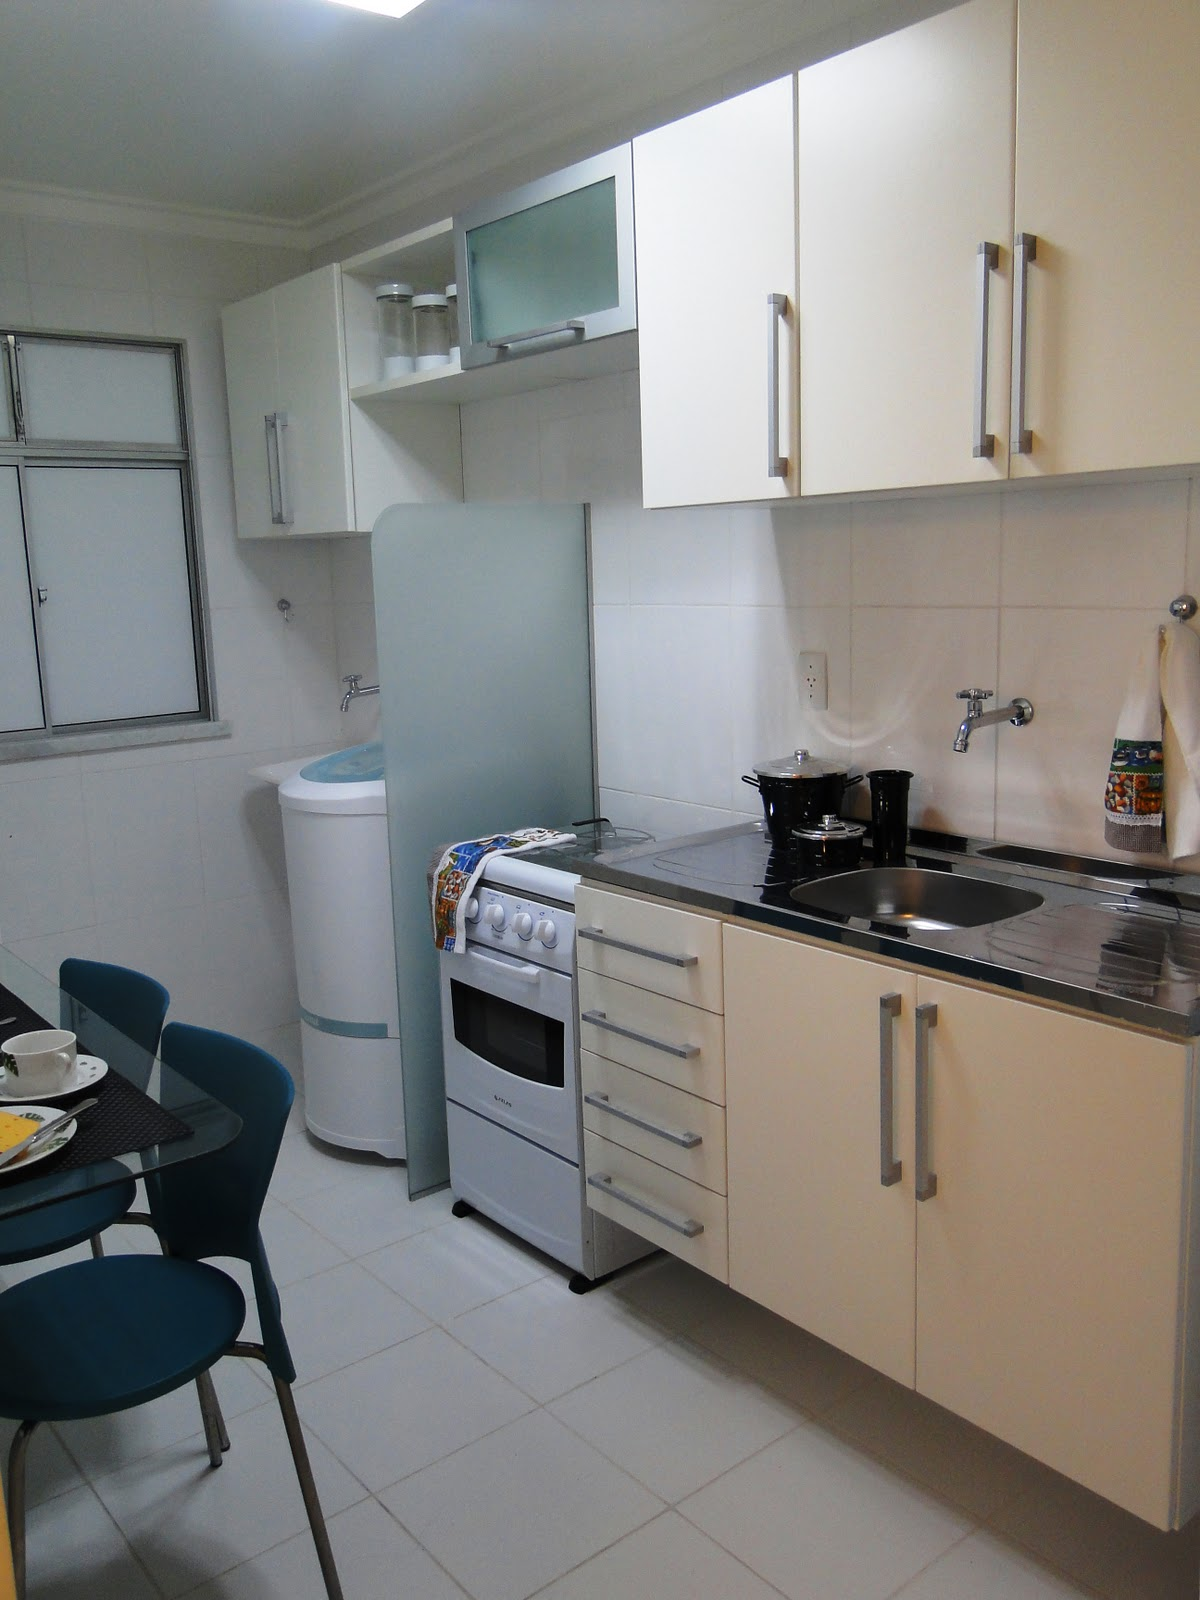 Adriana Lopes corretora de Imóveis.: Cozinha / área de serviço com  #5C4D40 1200 1600